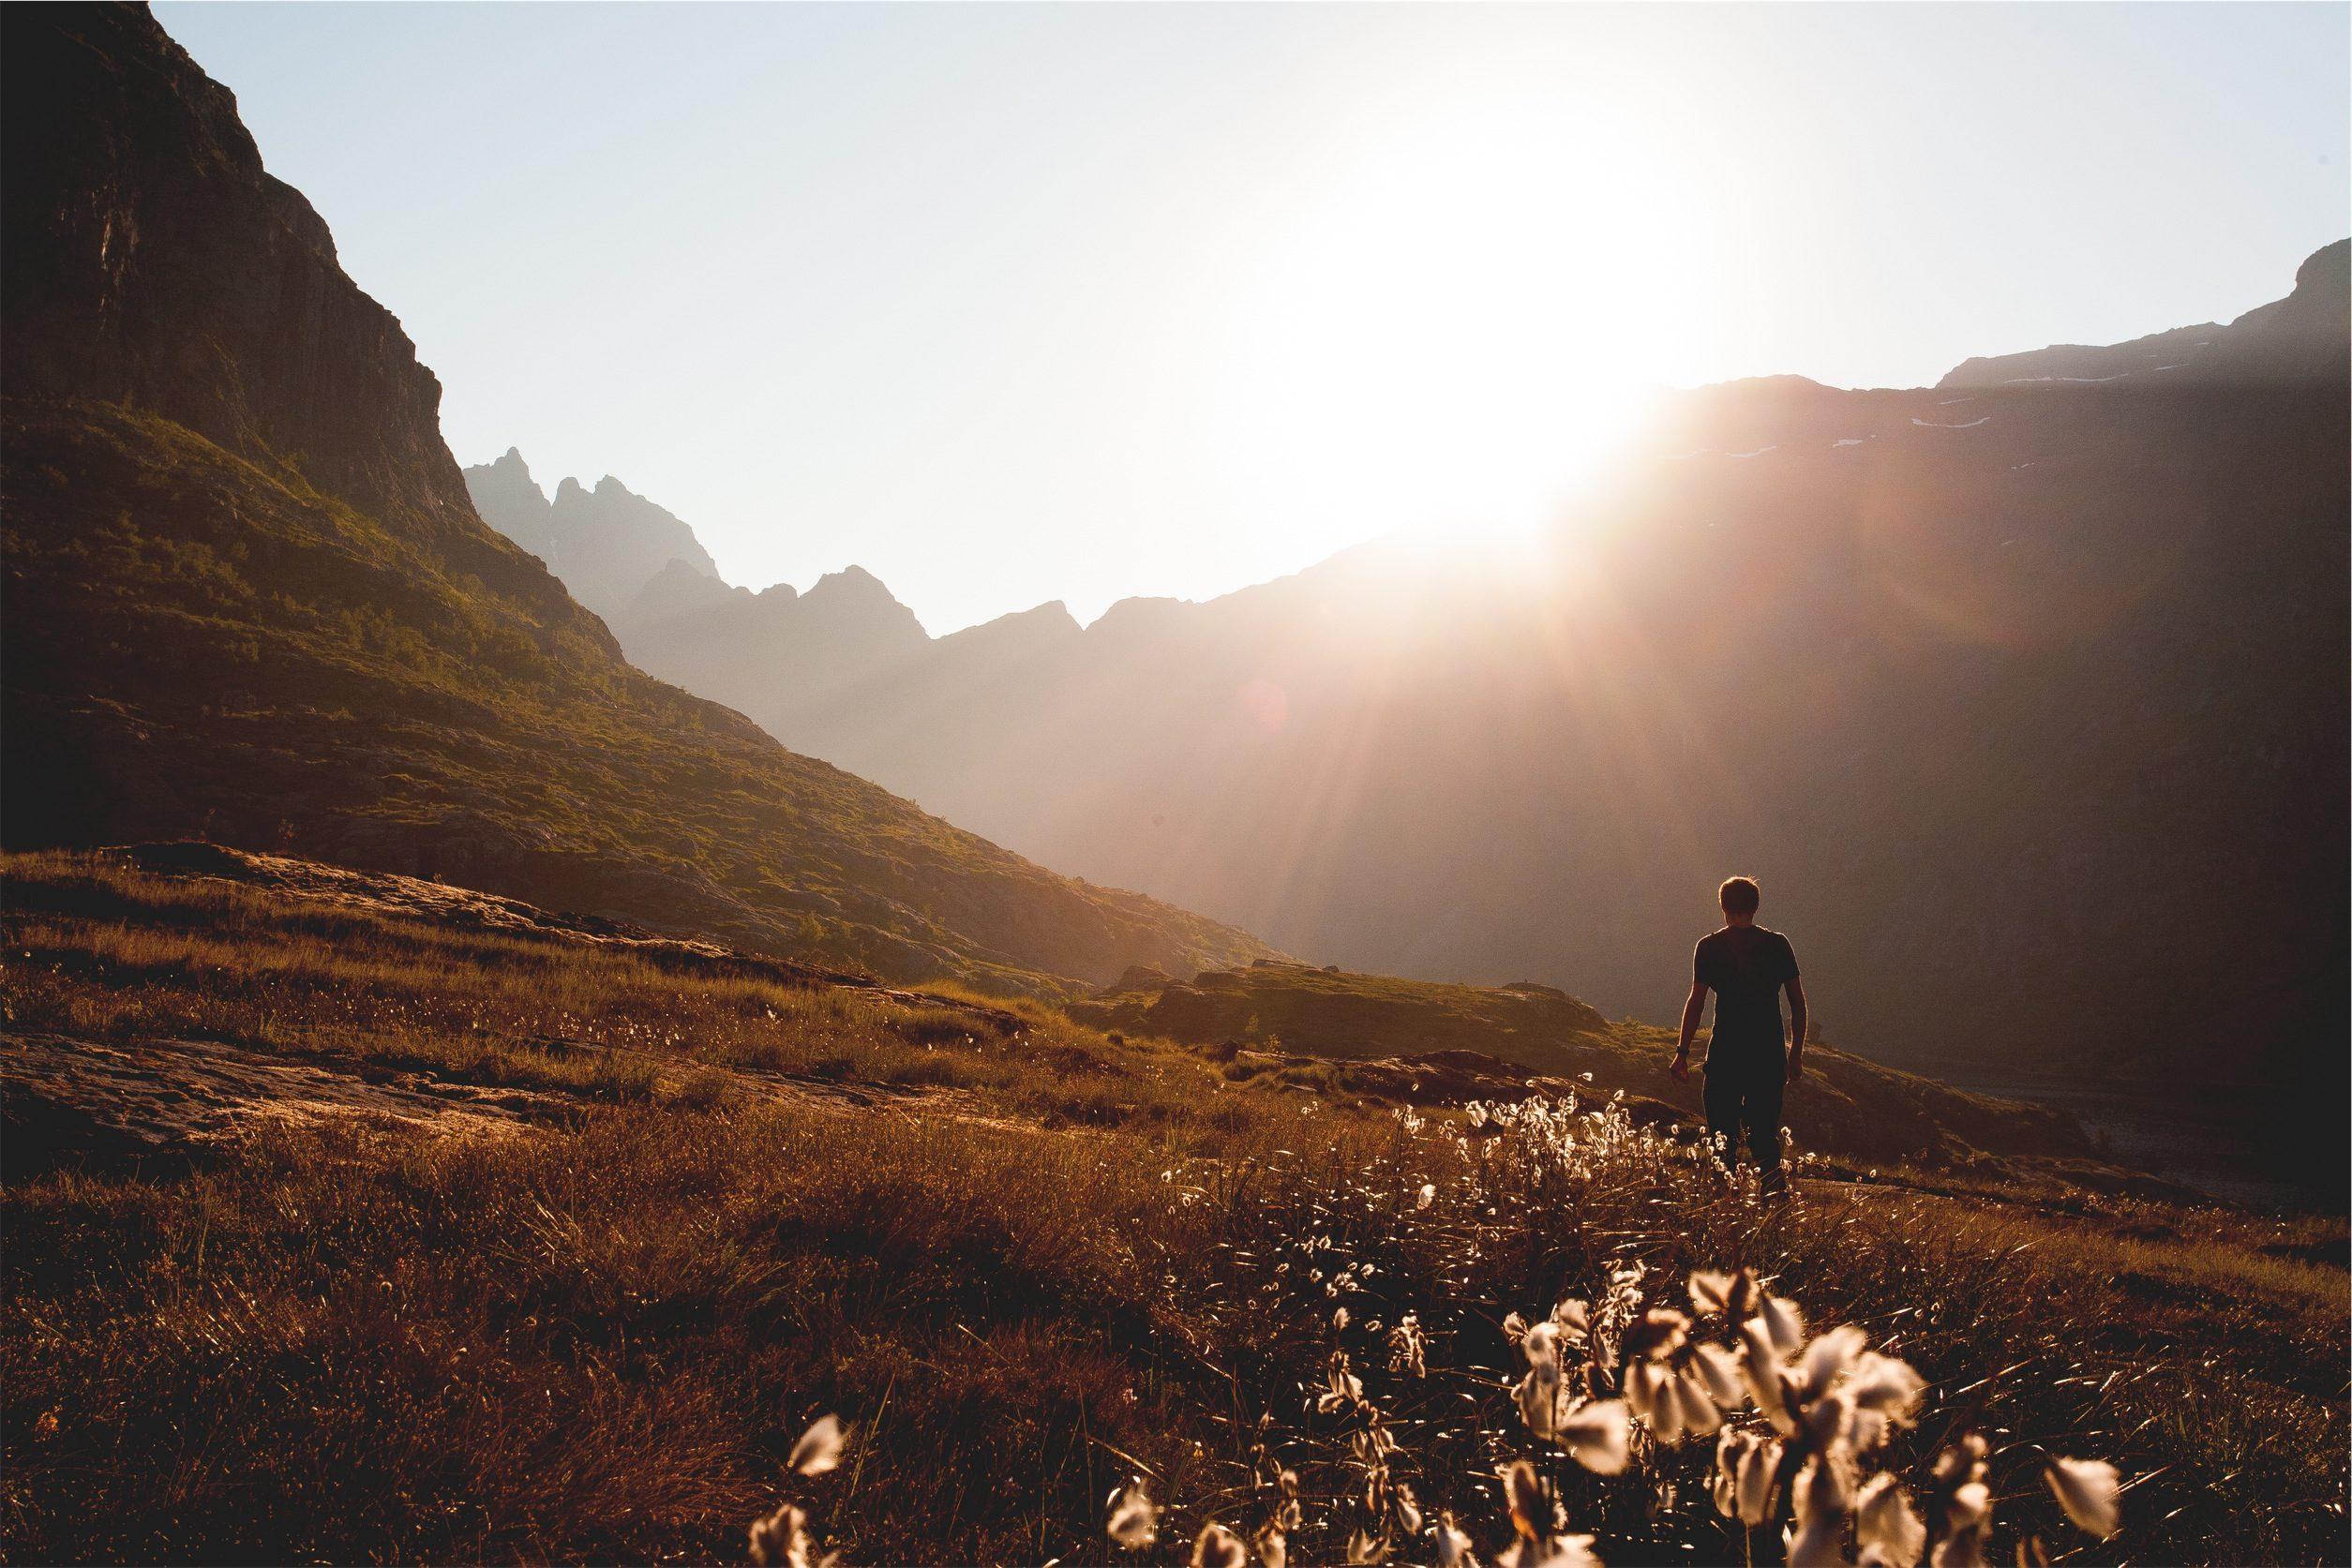 Солнце, Прадера, расслабиться, человек, Монтаньяс - Обои HD - Профессор falken.com